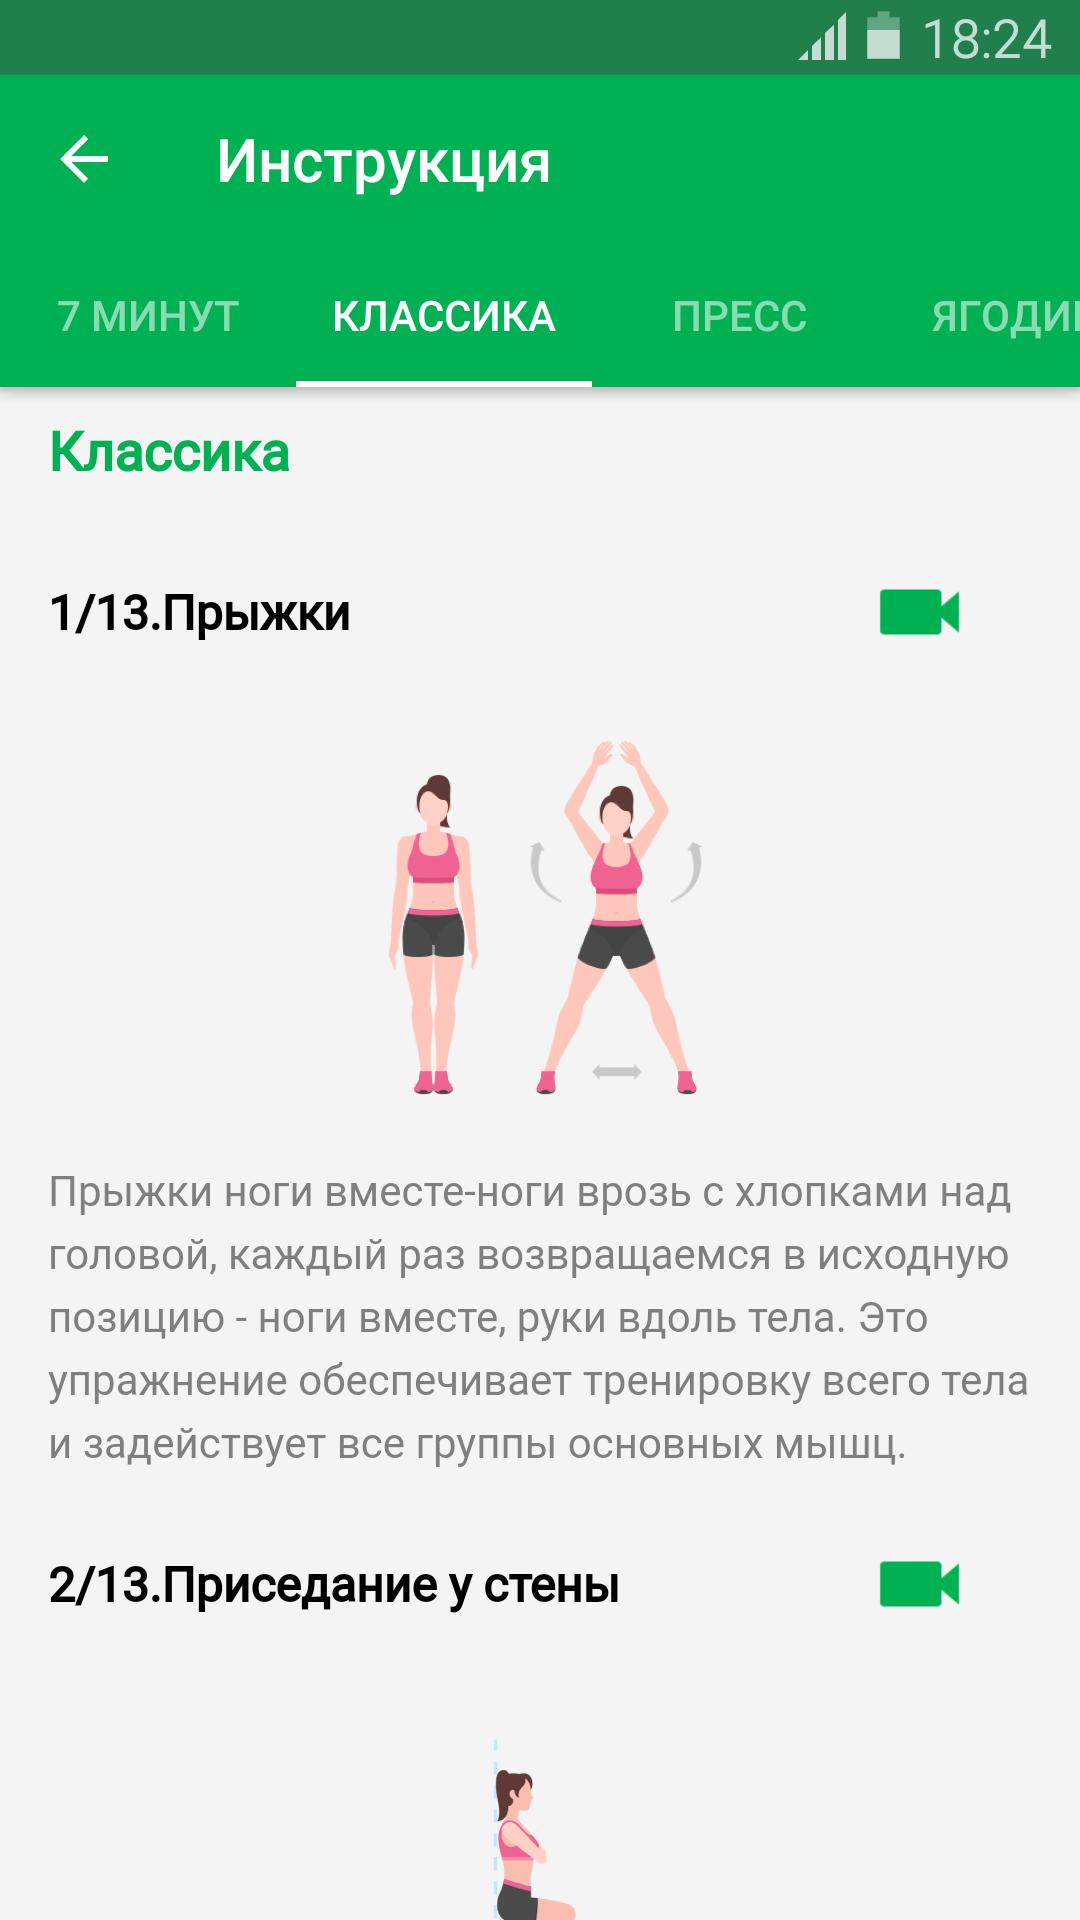 Бесплатные йога, танцы и фитнес: подборка сервисов для тренировок во время коронавируса 14